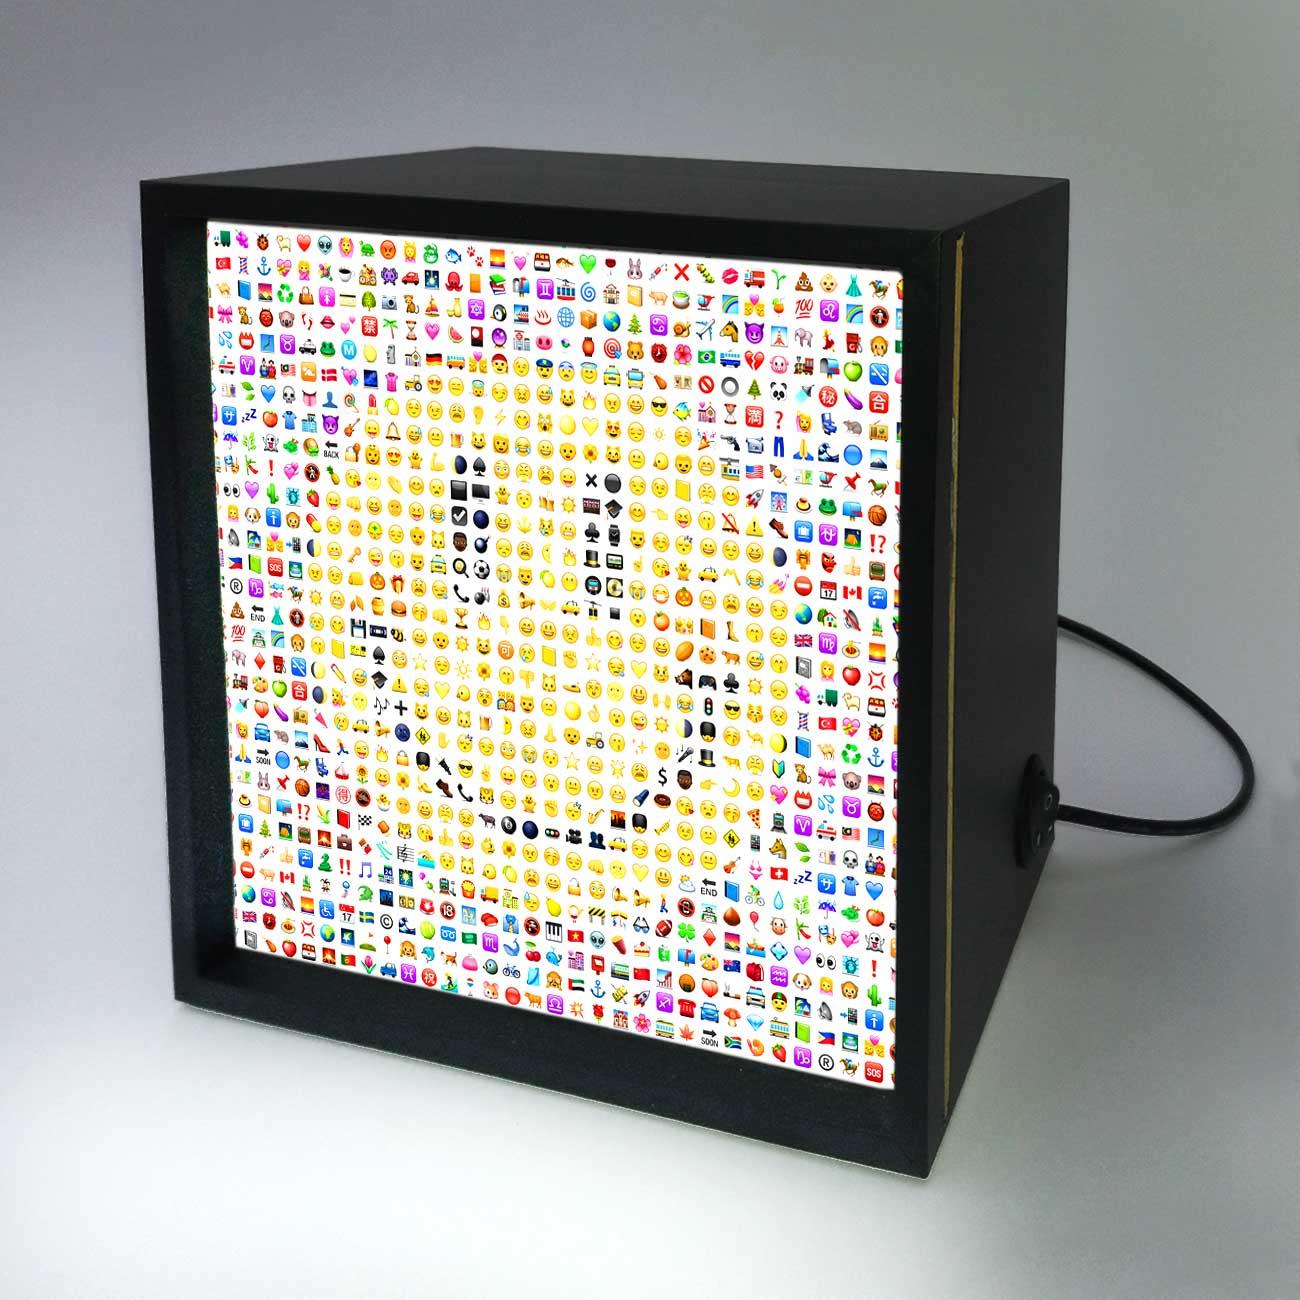 Backlight - Emoticons